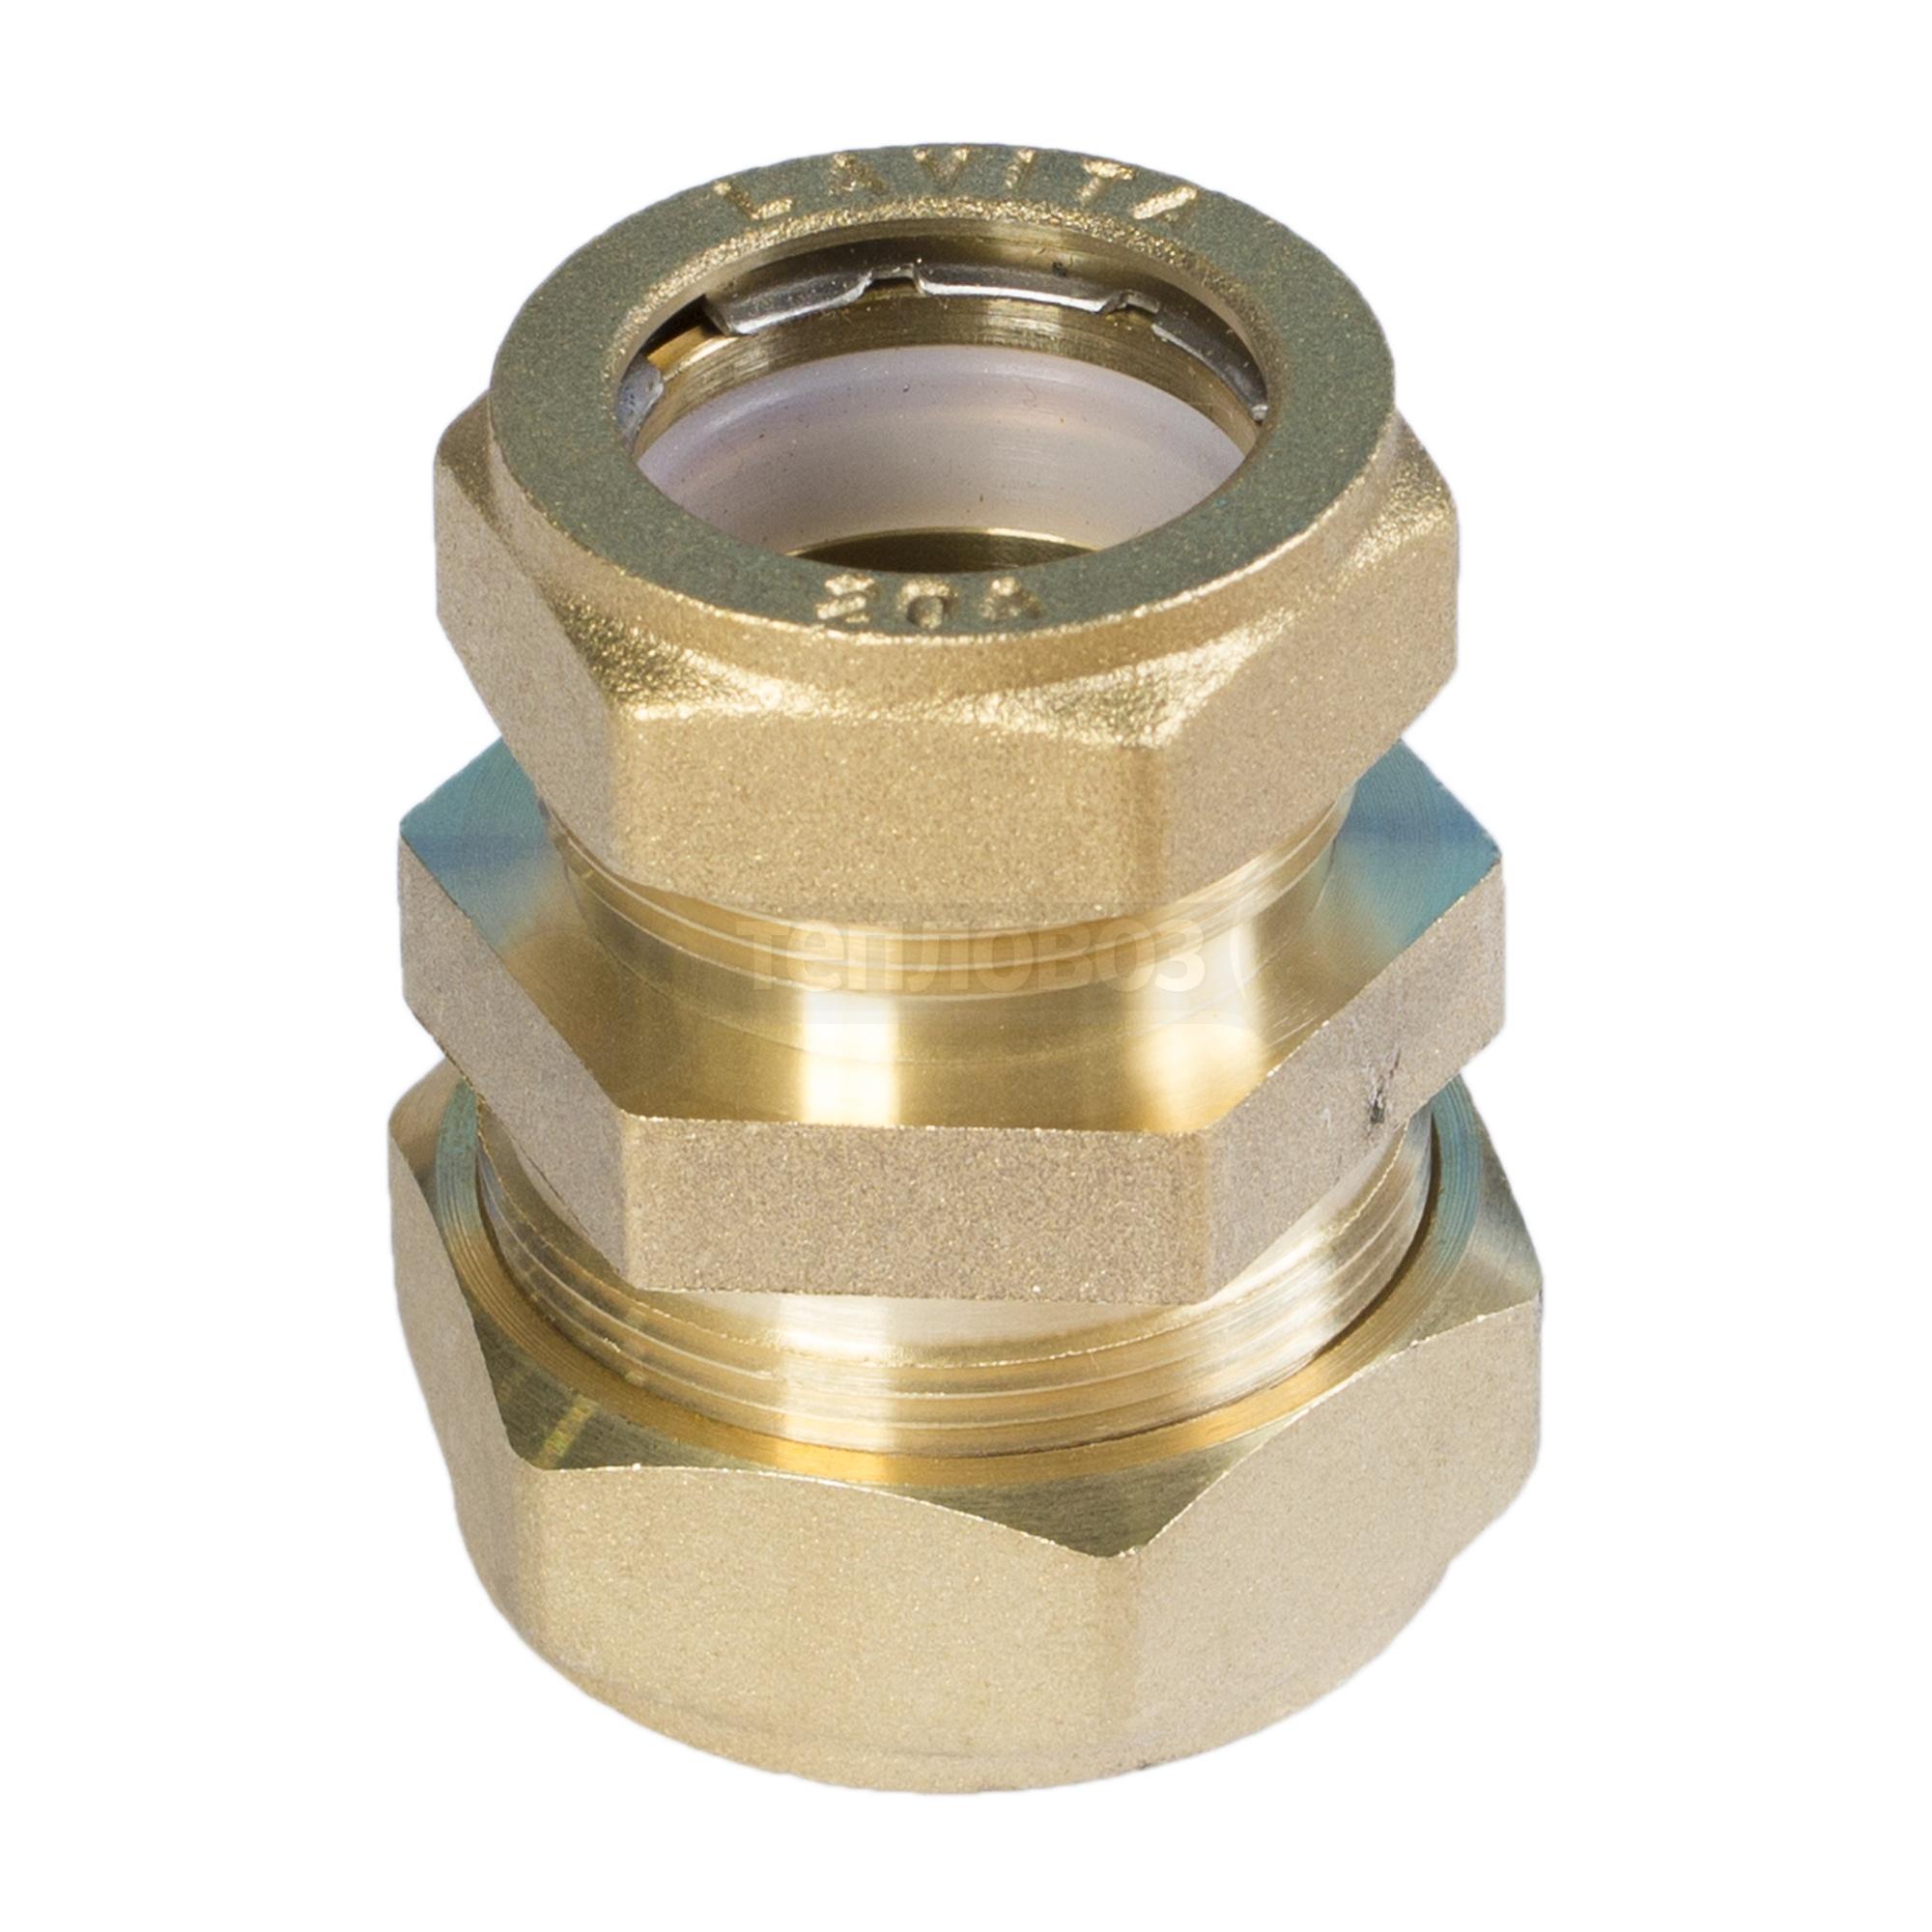 Купить Lavita C/P, 25х20 мм в интернет-магазине Дождь